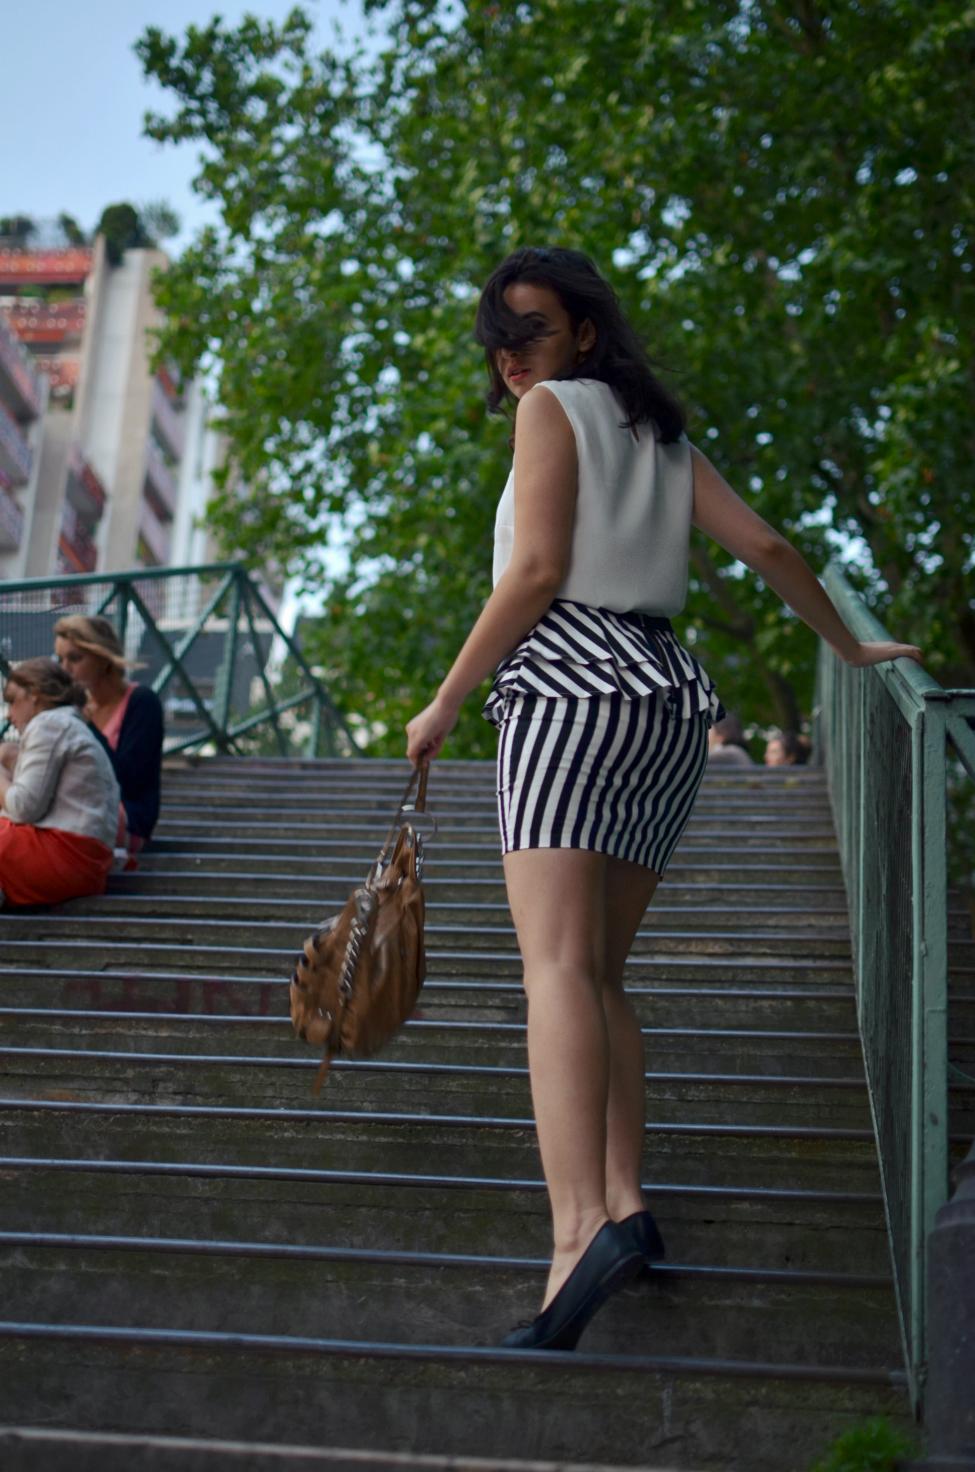 the serial shopper at canal saint martin in paris